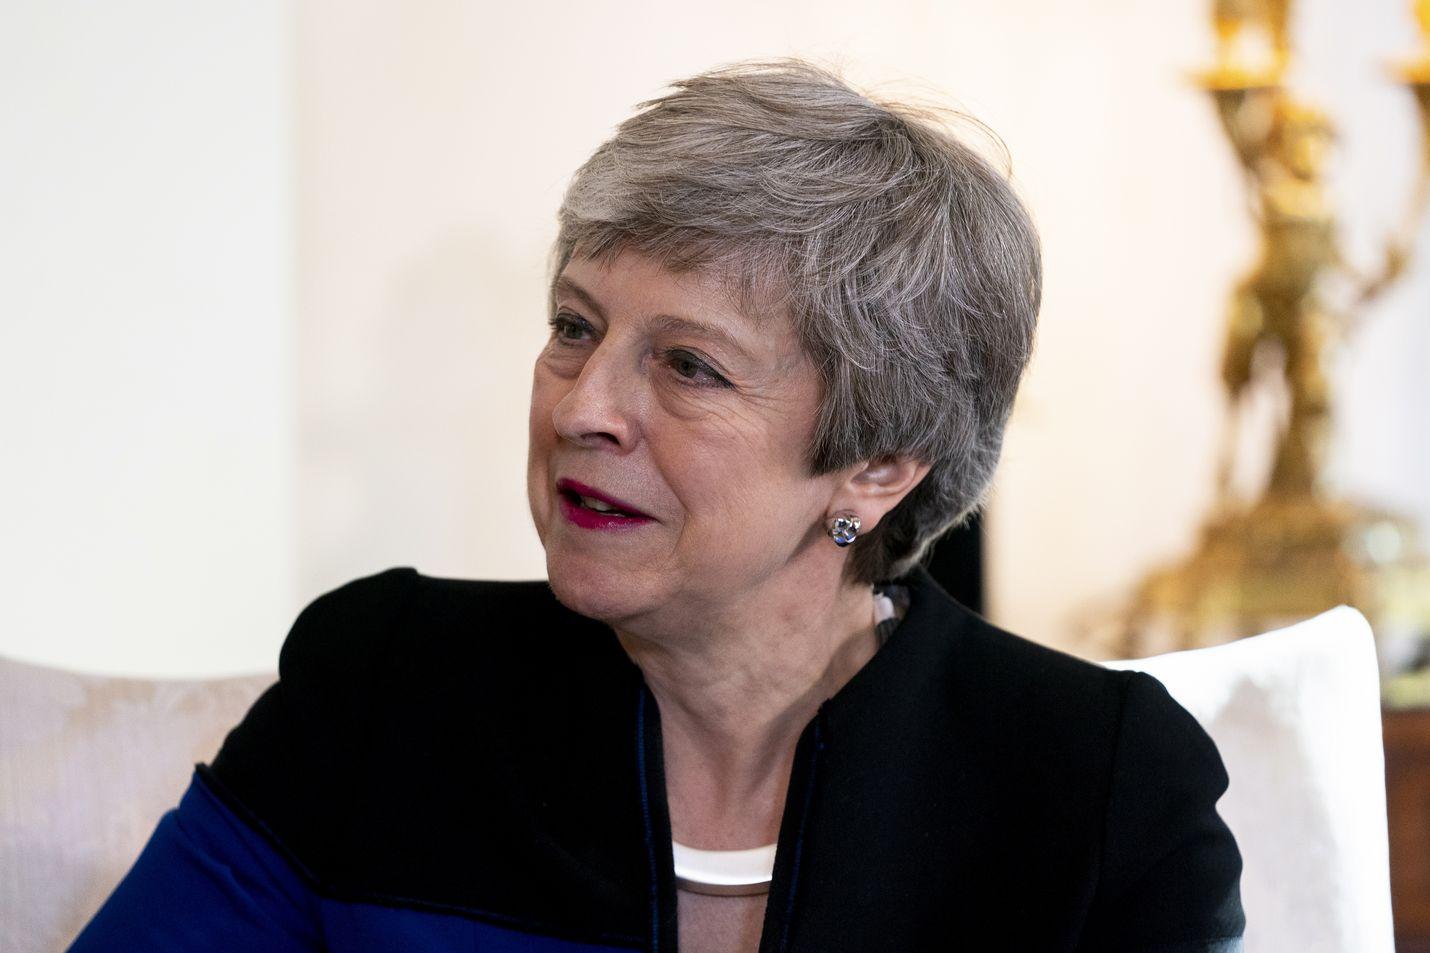 The Guardian uutisoi, että Theresa May on hyväksynyt aikataulun lähdöstään, ja parlamentin jäsenet uskovat, että hän käynnistää kilpailun pääministerin paikasta vielä ennen kesää.